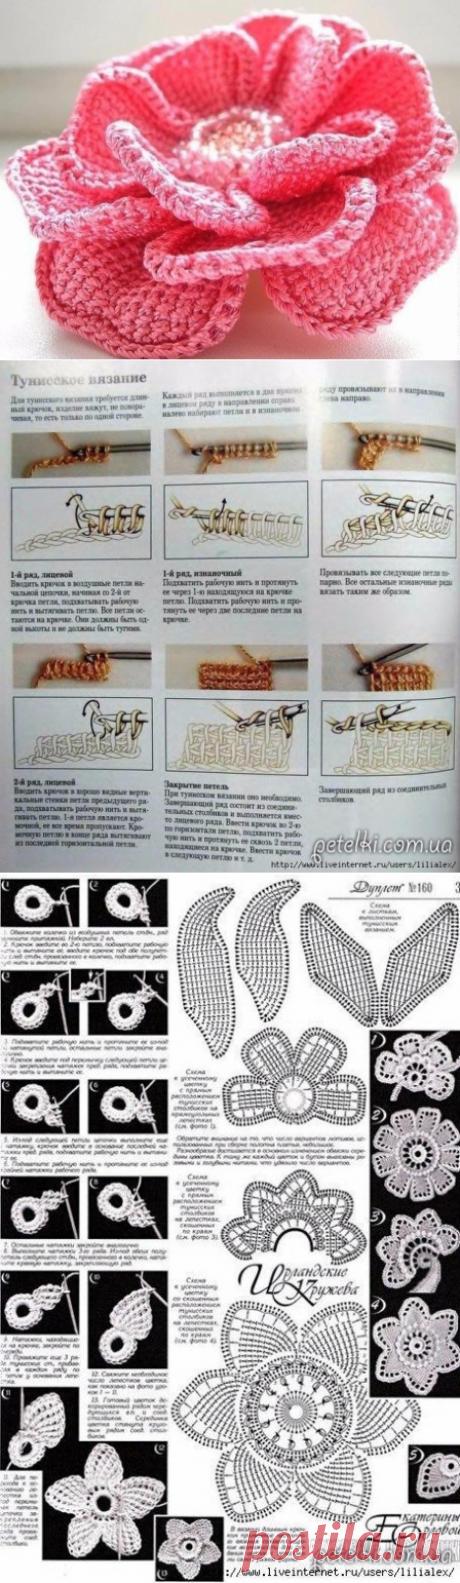 Цветок тунисским вязанием из категории Интересные идеи – Вязаные идеи, идеи для вязания